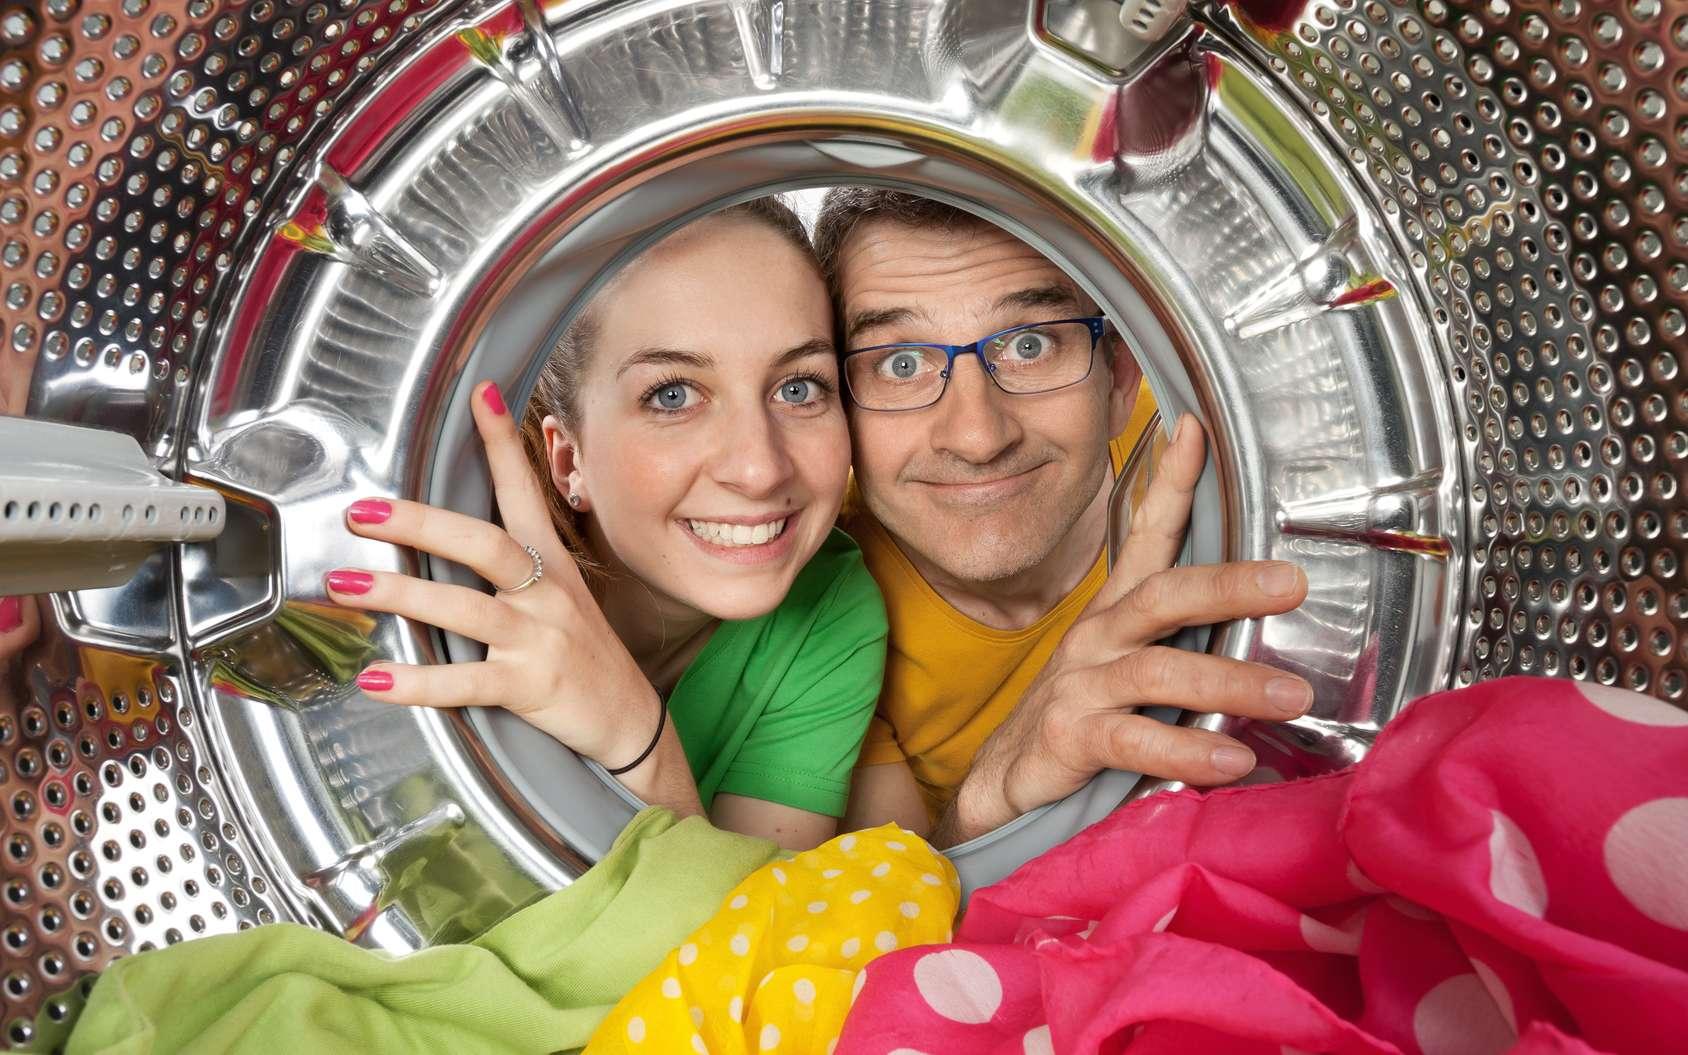 En réalité, les vêtements ne rétrécissent pas au lavage, ce sont les fibres qui se resserrent au séchage ! © philippe Devanne, Fotolia